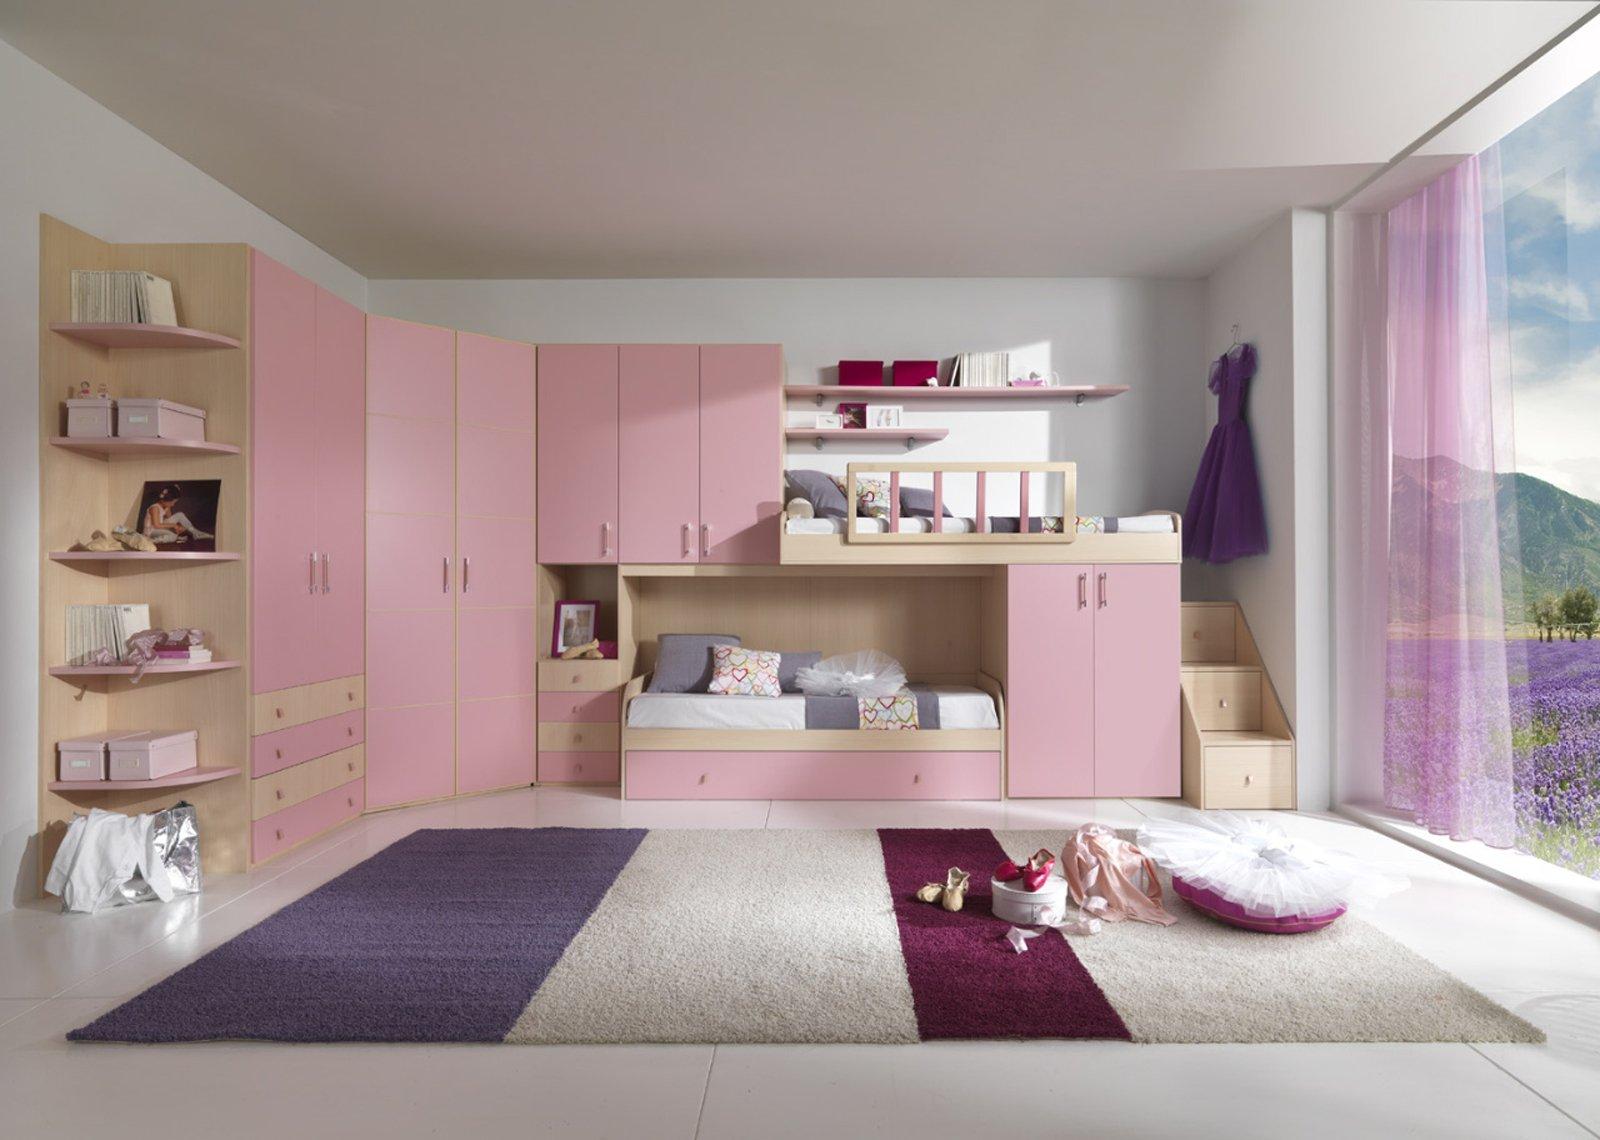 Camerette funzionalit a misura di bambino cose di casa for Parete cameretta bambina